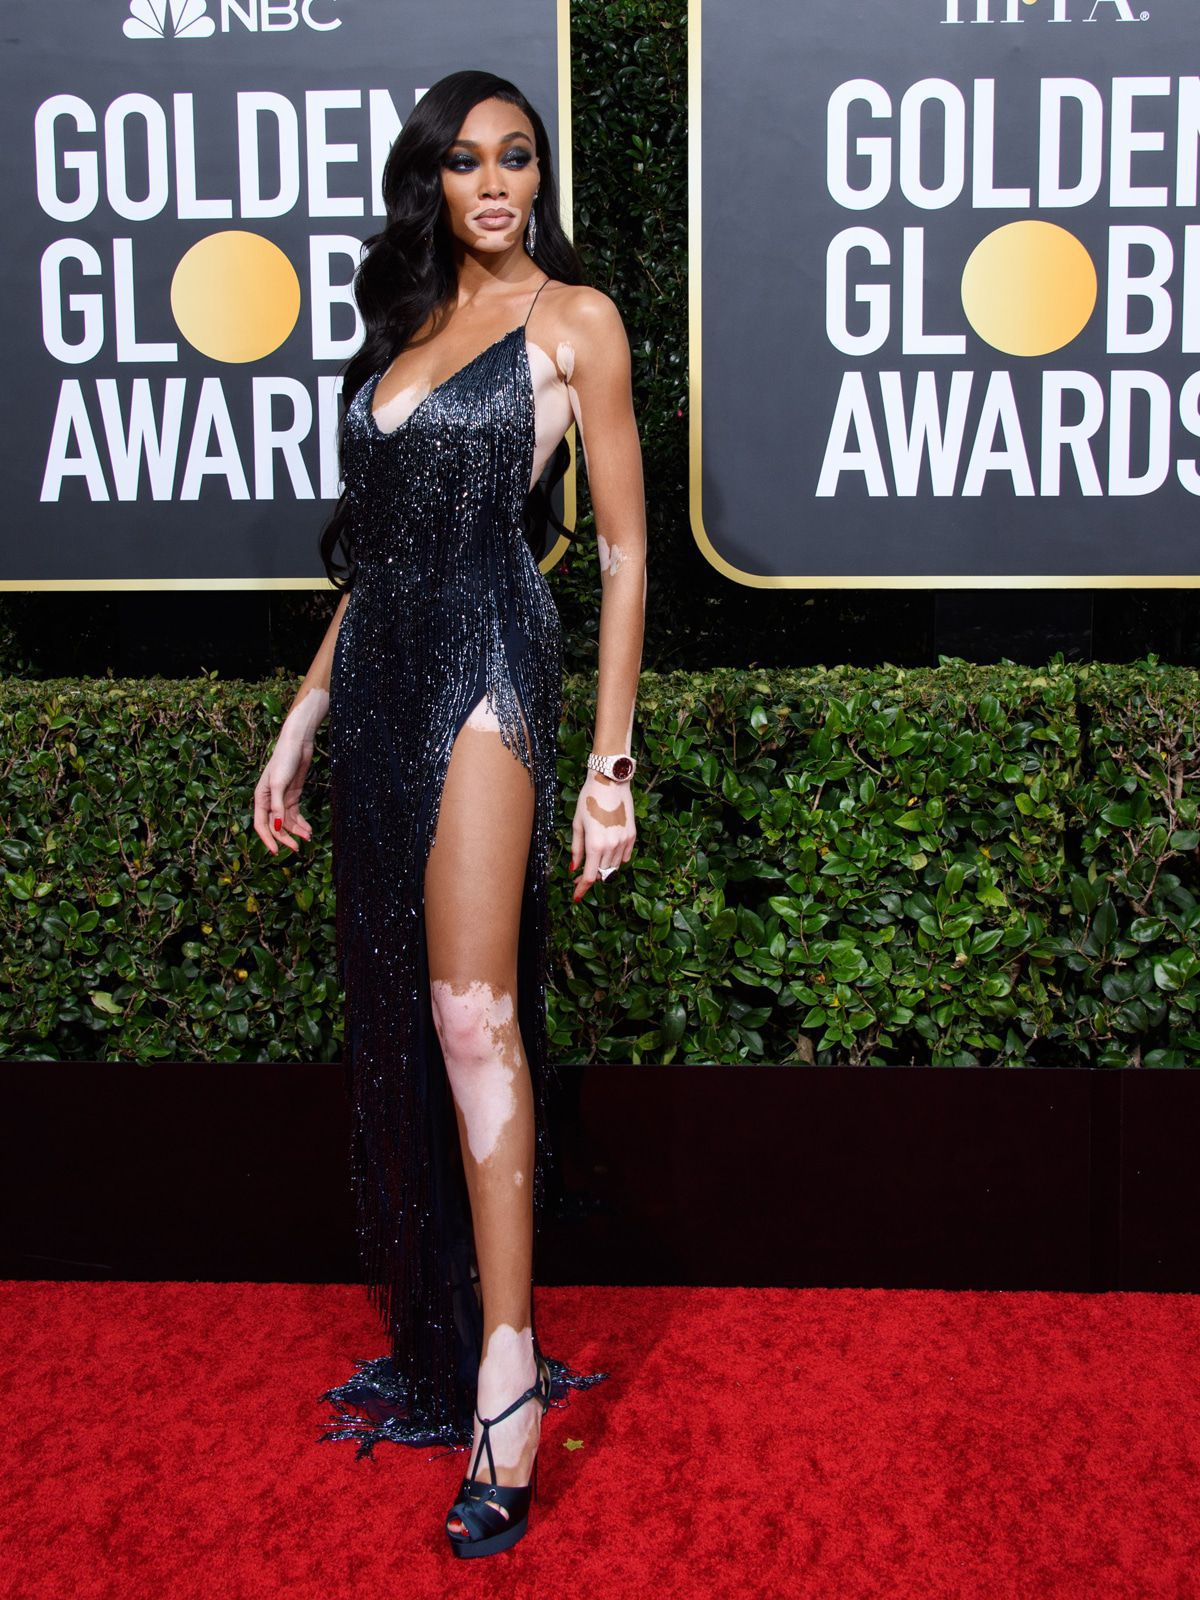 Die schönsten Looks der Golden Globes 2020